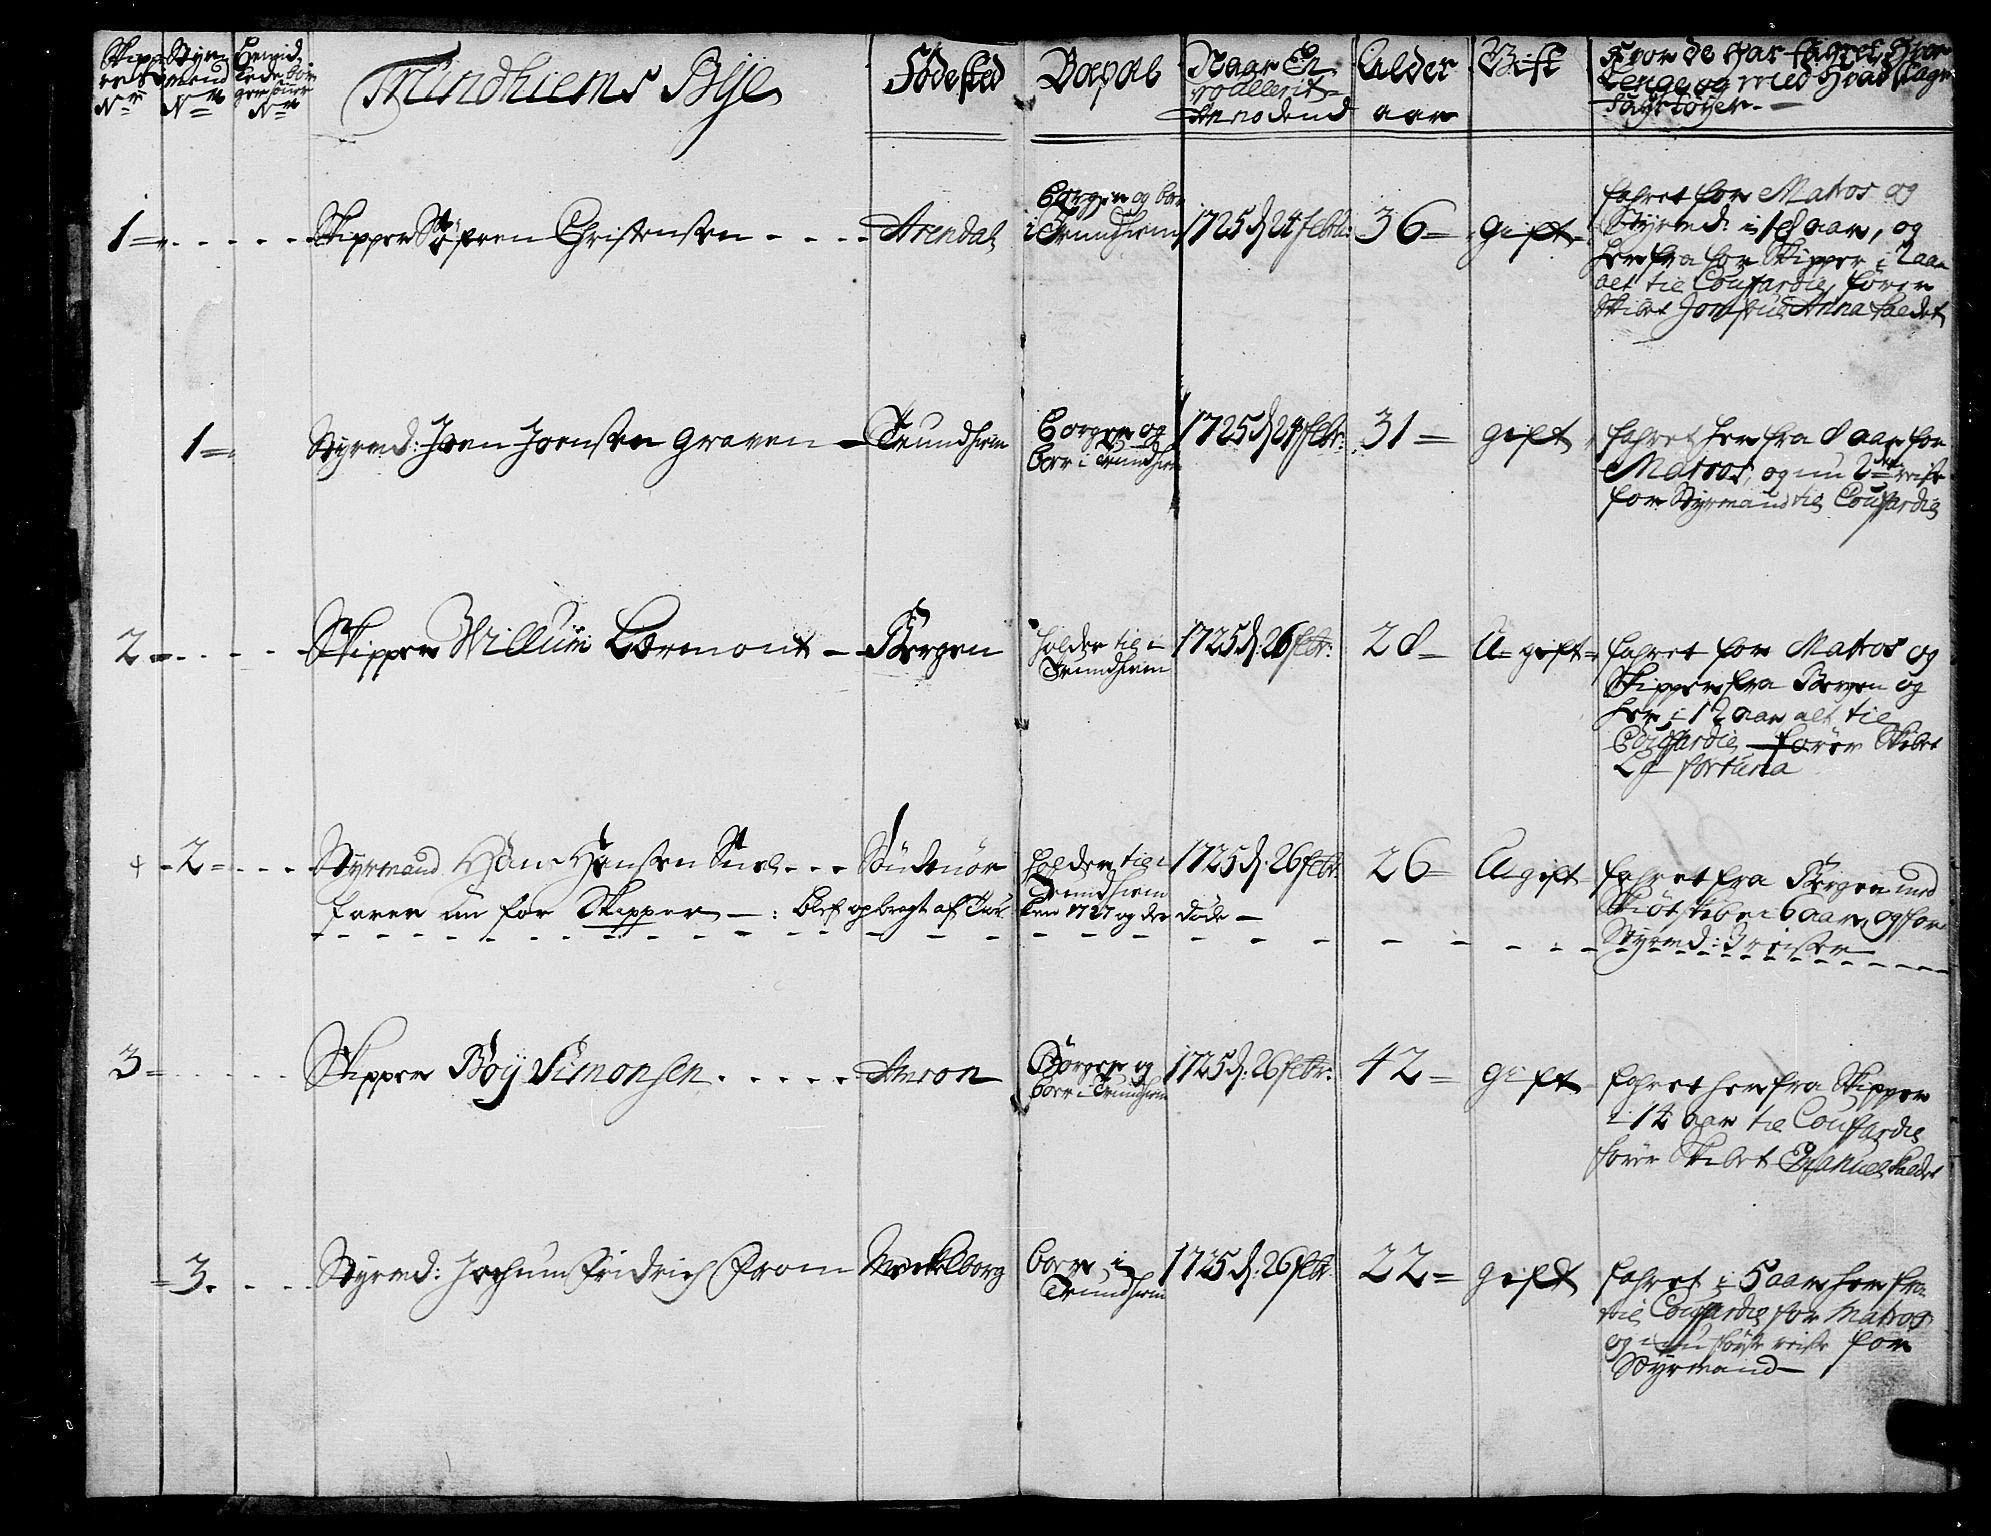 SAT, Sjøinnrulleringen - Trondhjemske distrikt, 01/L0003: --, 1725